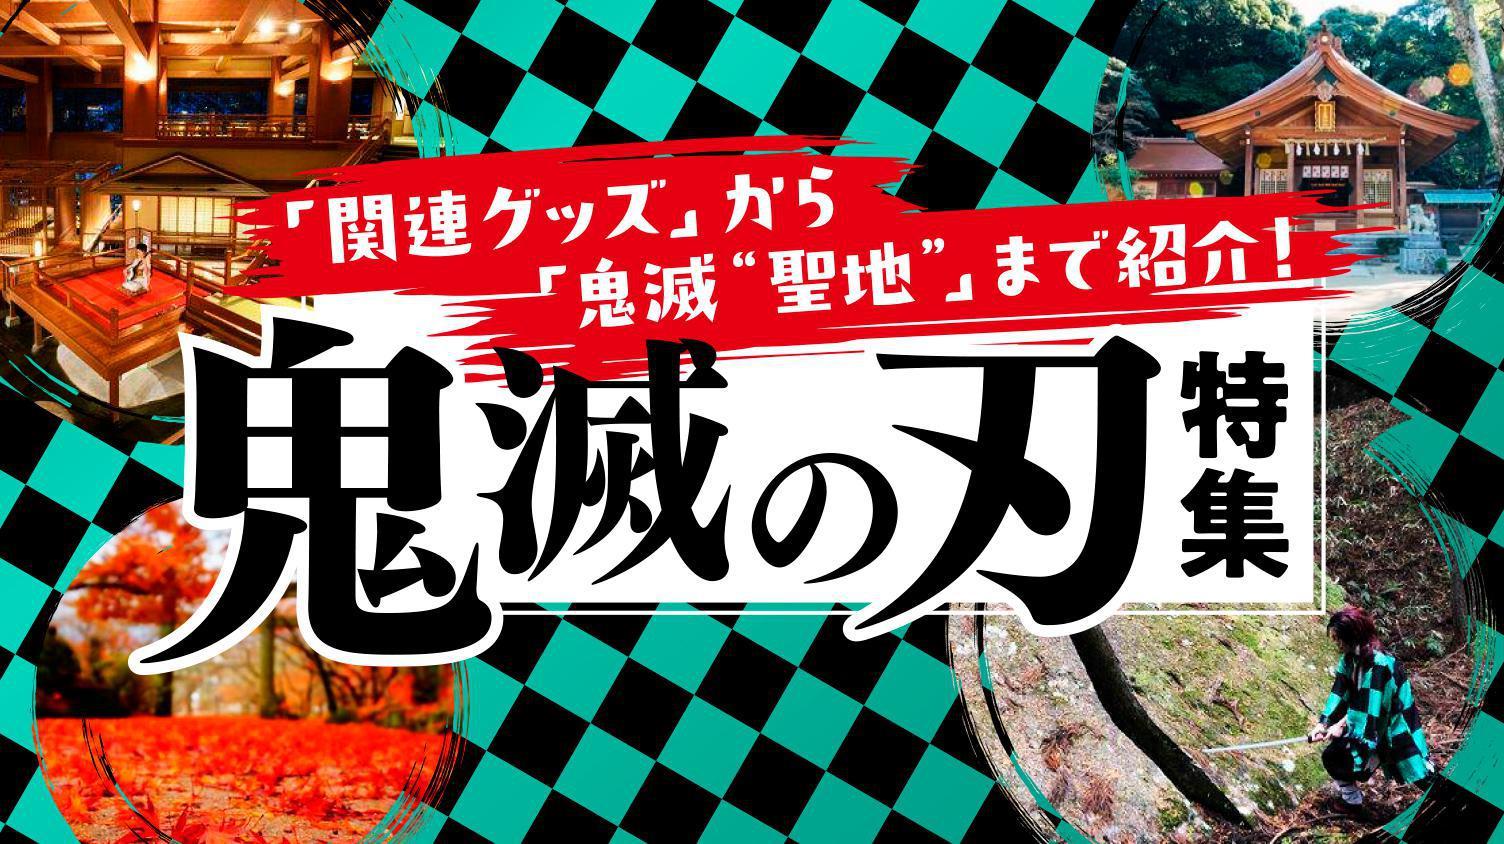 """「鬼滅の刃」特集!関連グッズから""""鬼滅聖地""""まで紹介"""